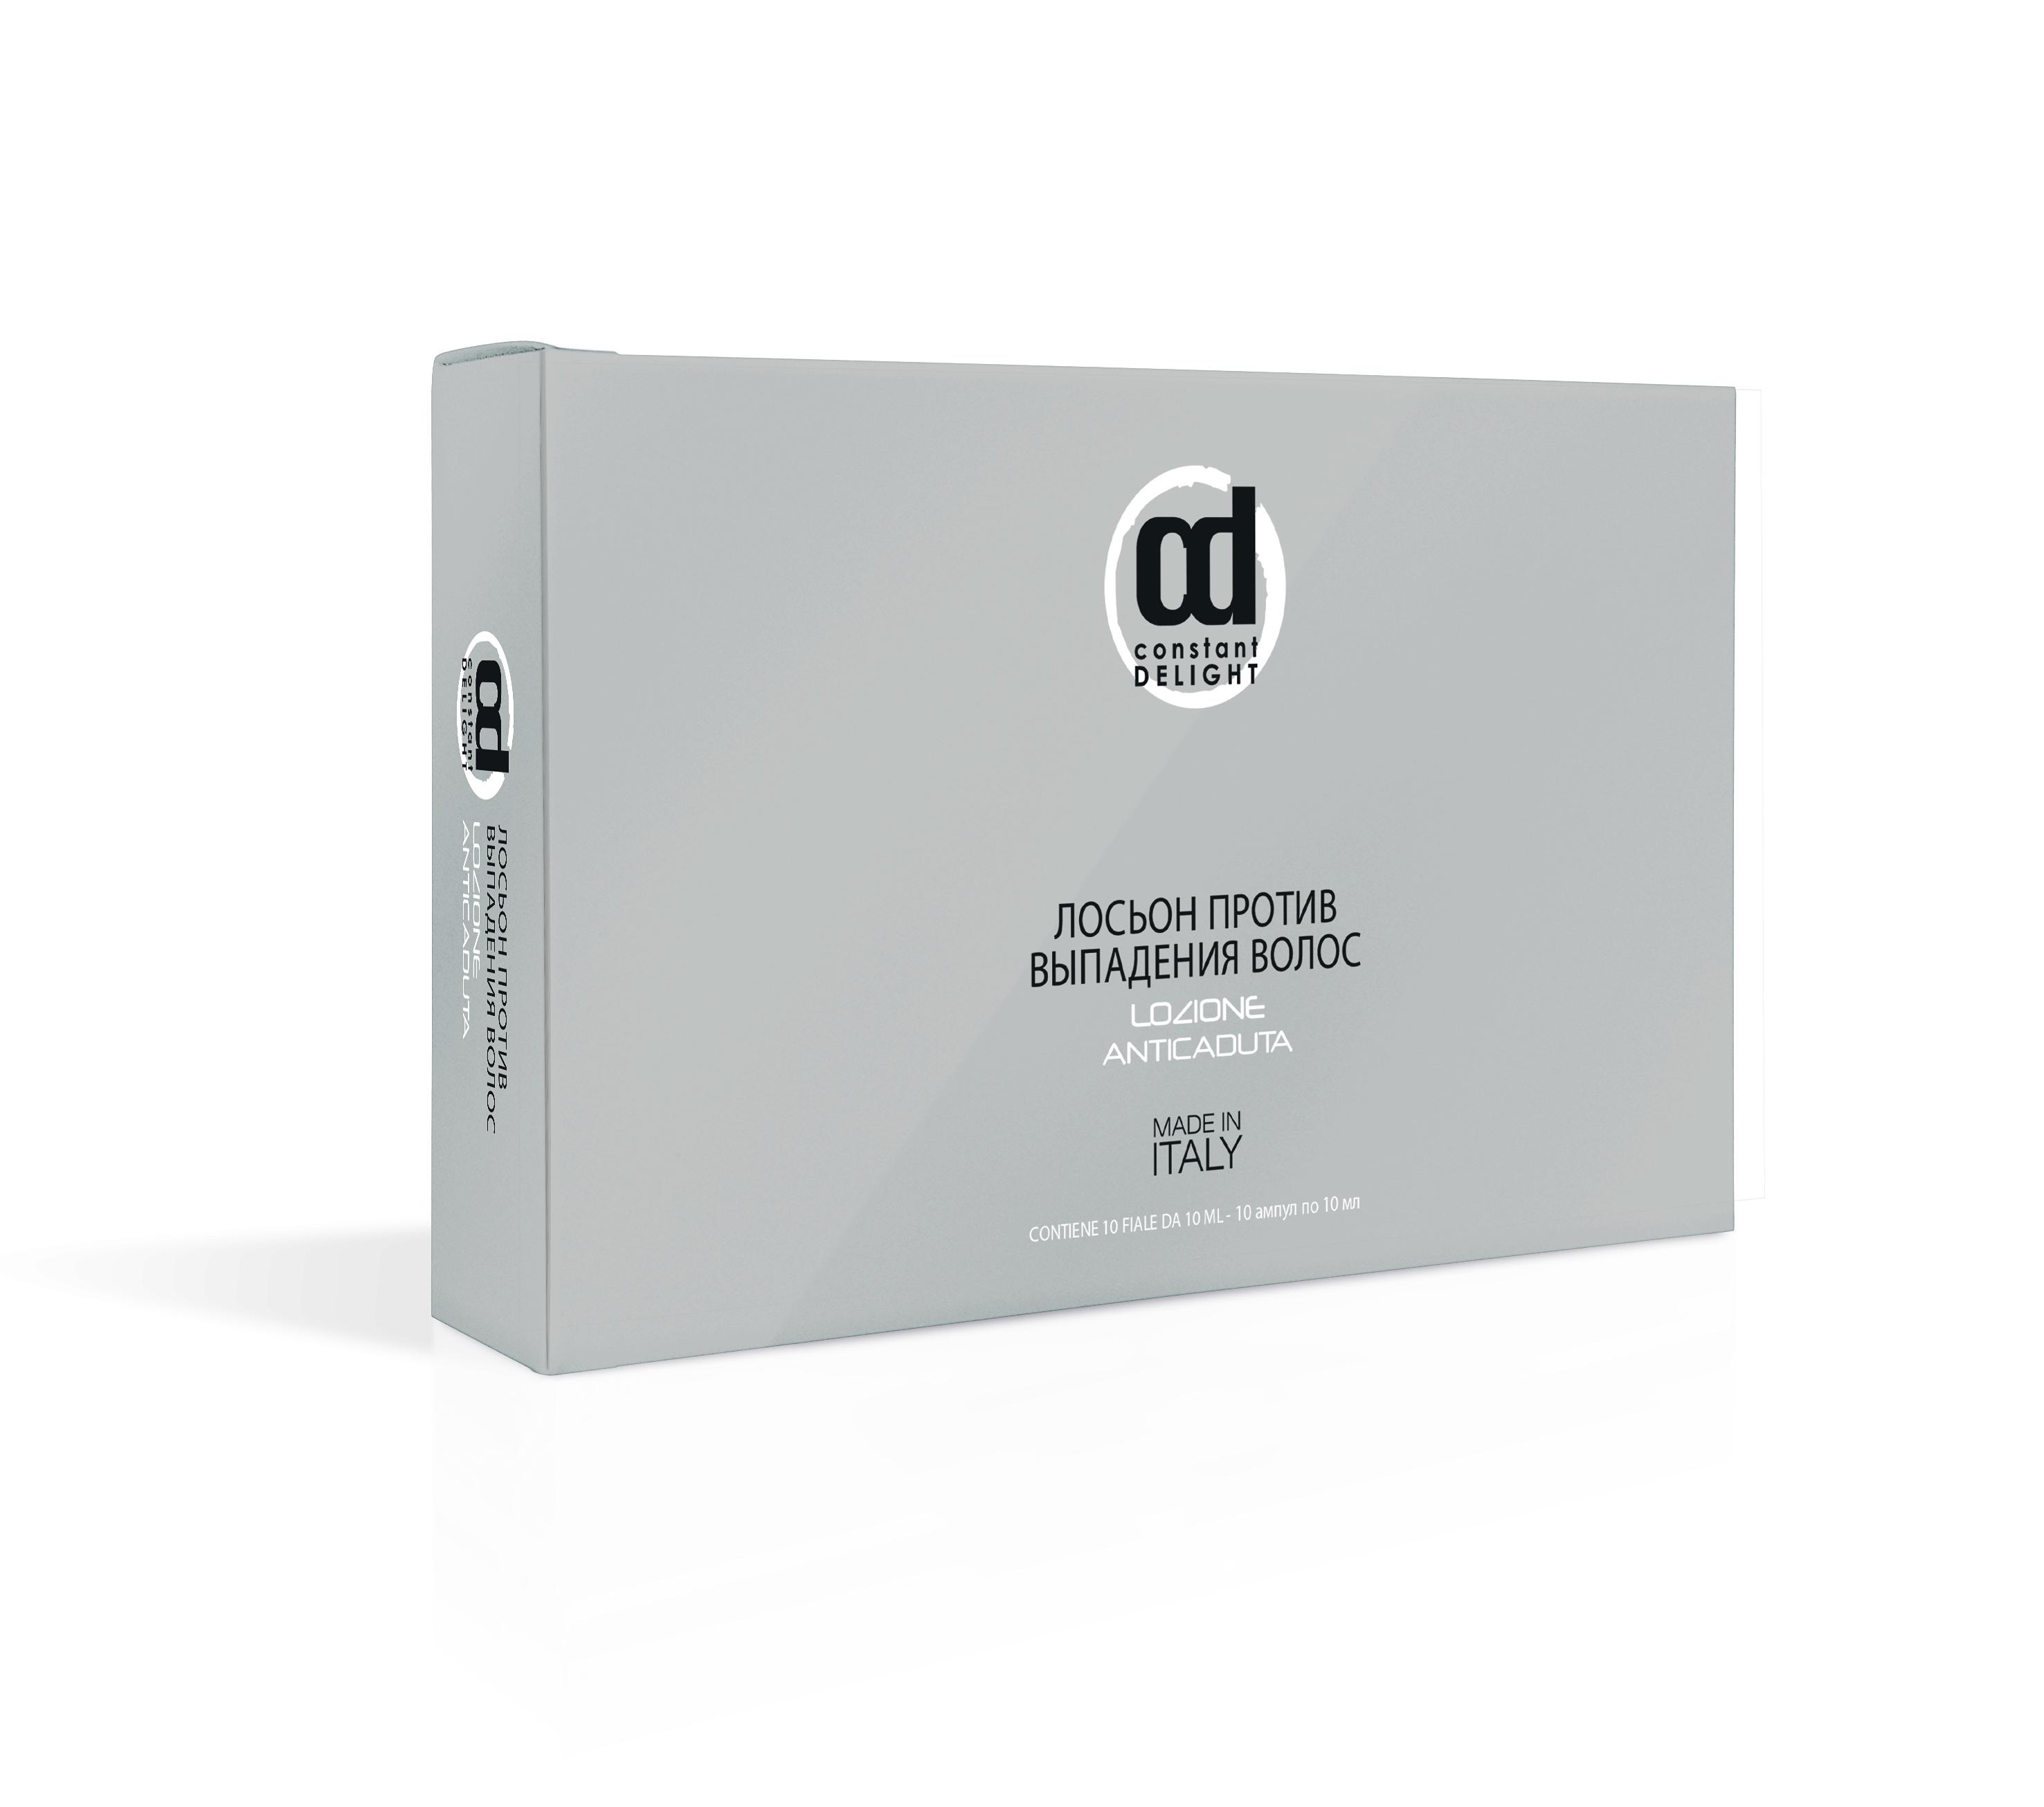 CONSTANT DELIGHT Лосьон против выпадения волос / Anticaduta 10*10 мл